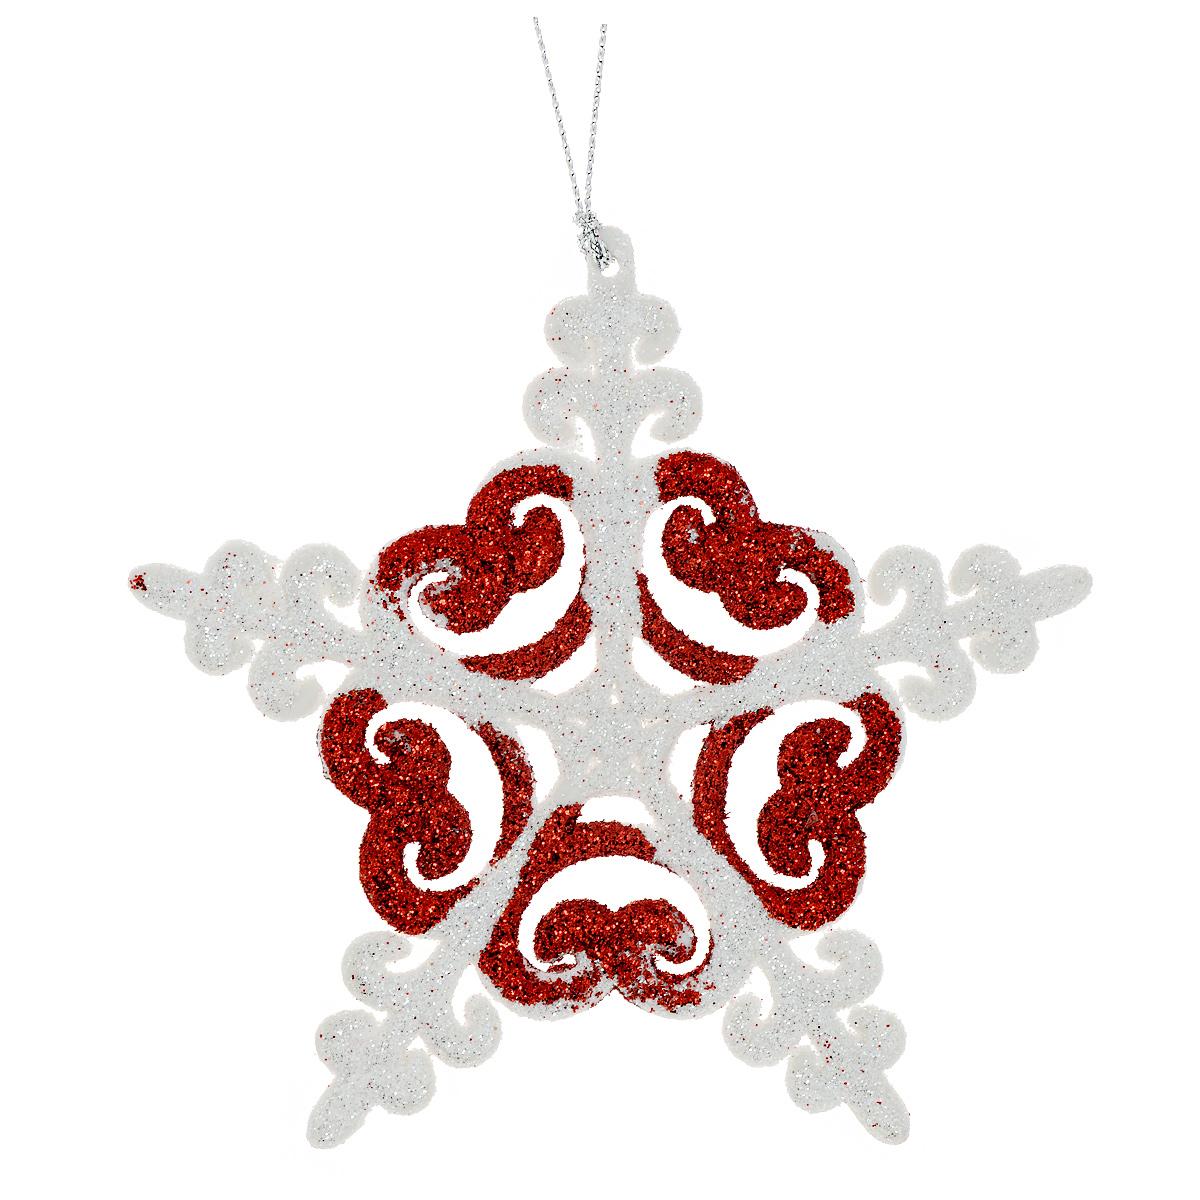 Новогоднее подвесное украшение Снежинка, цвет: красный, диаметр 12 см. 3498109840-20.000.00Оригинальное новогоднее украшение из пластика прекрасно подойдет для праздничного декора дома и новогодней ели. Изделие крепится на елку с помощью металлического зажима.